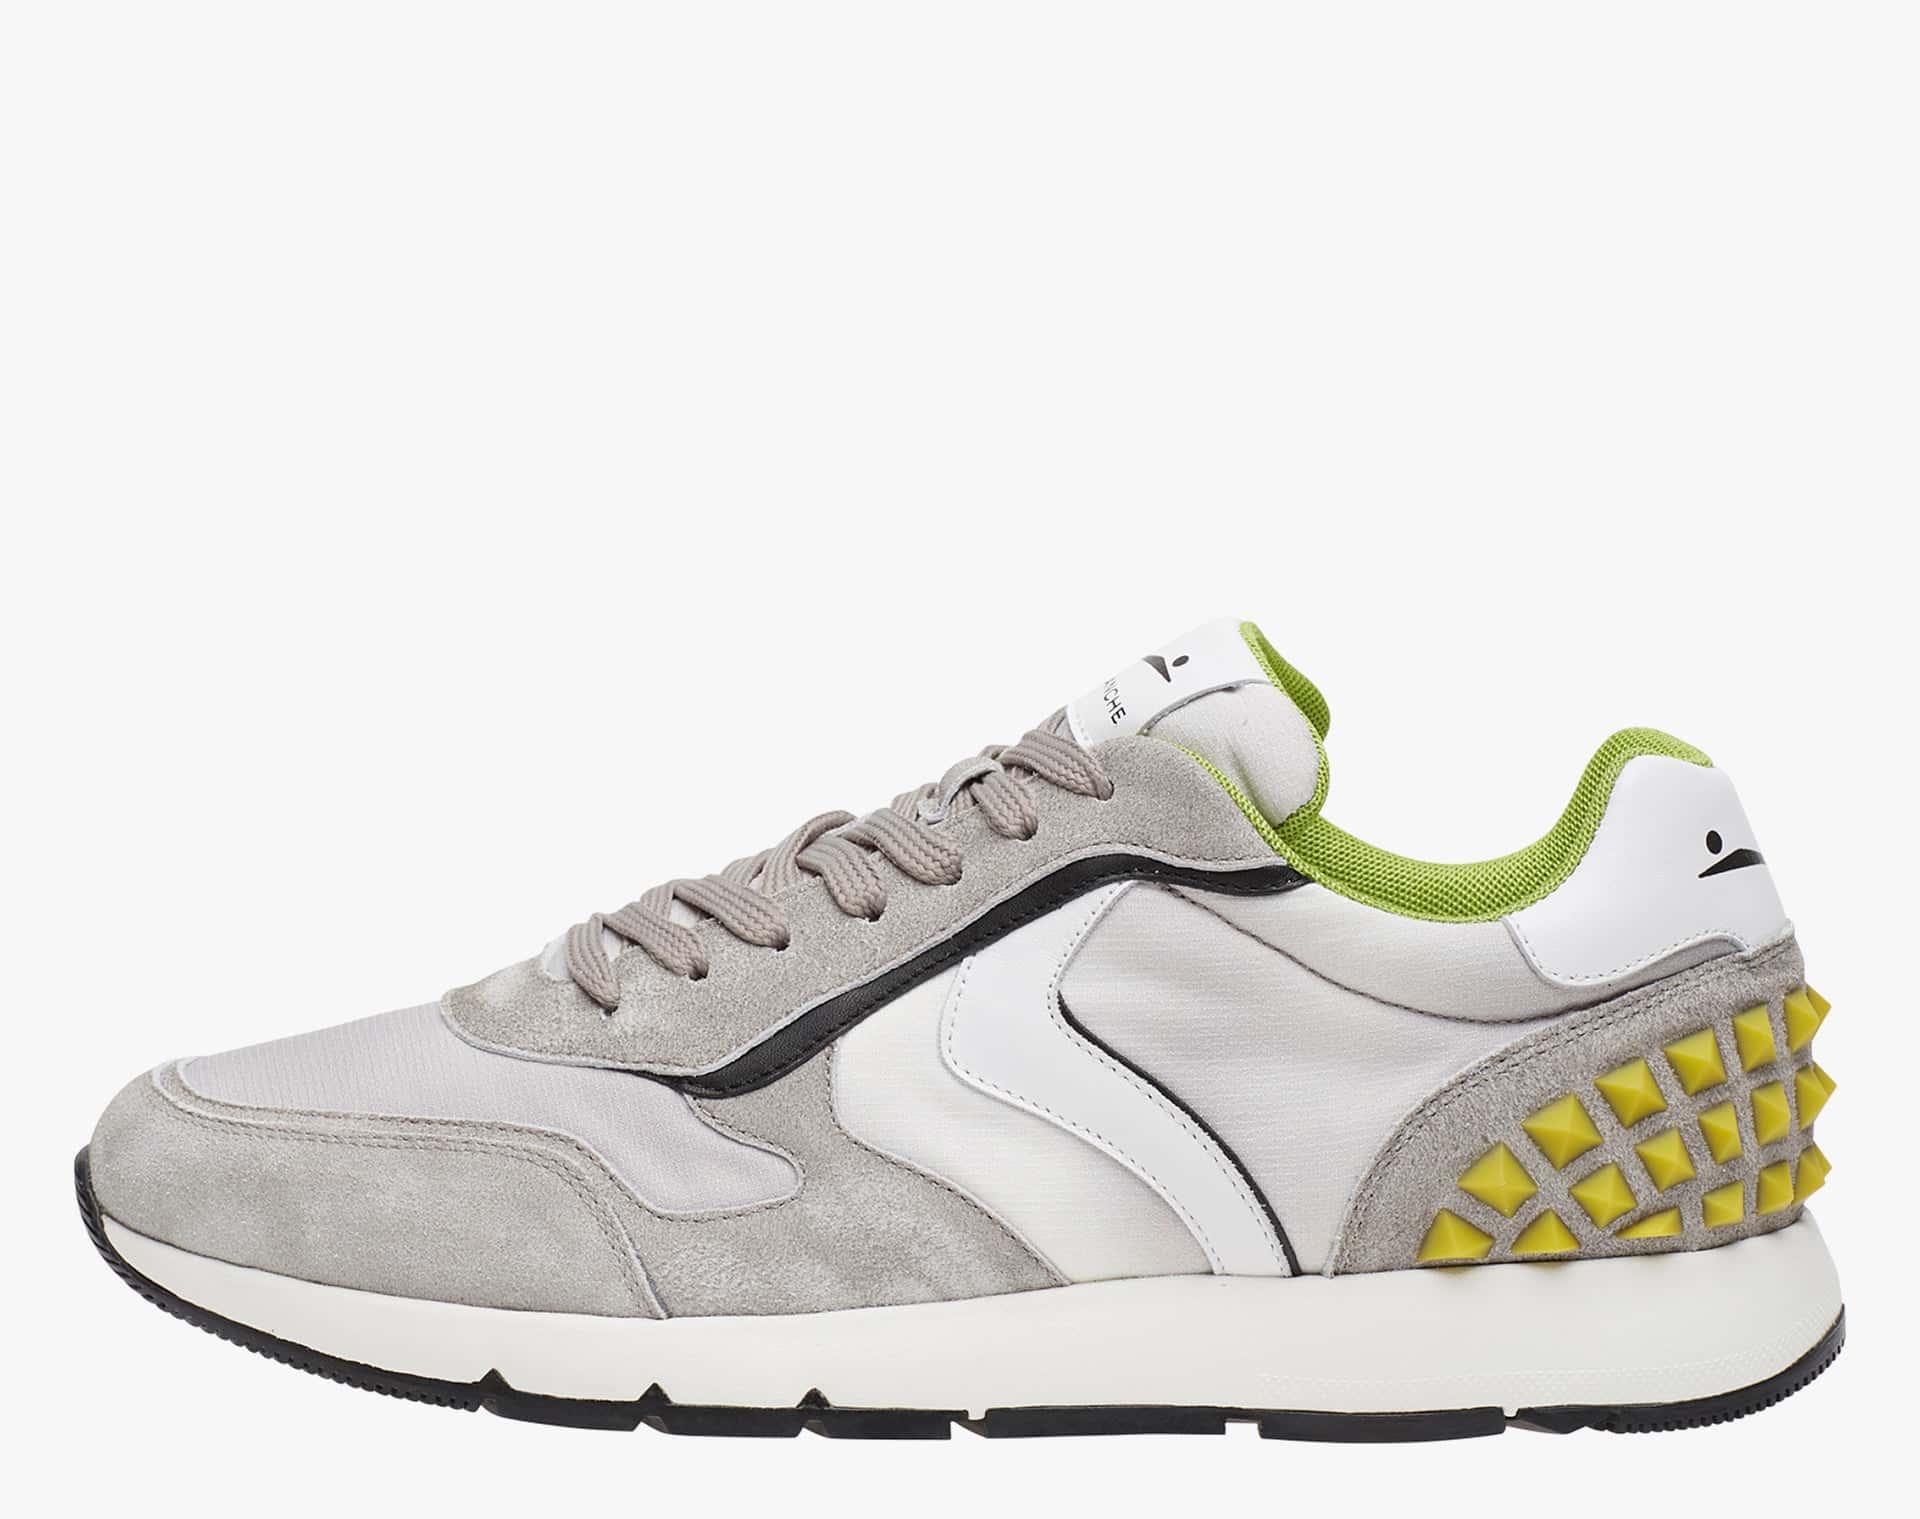 REUBENT STUDS - Sneaker in suede e tessuto tecnico con studs   - Grigio